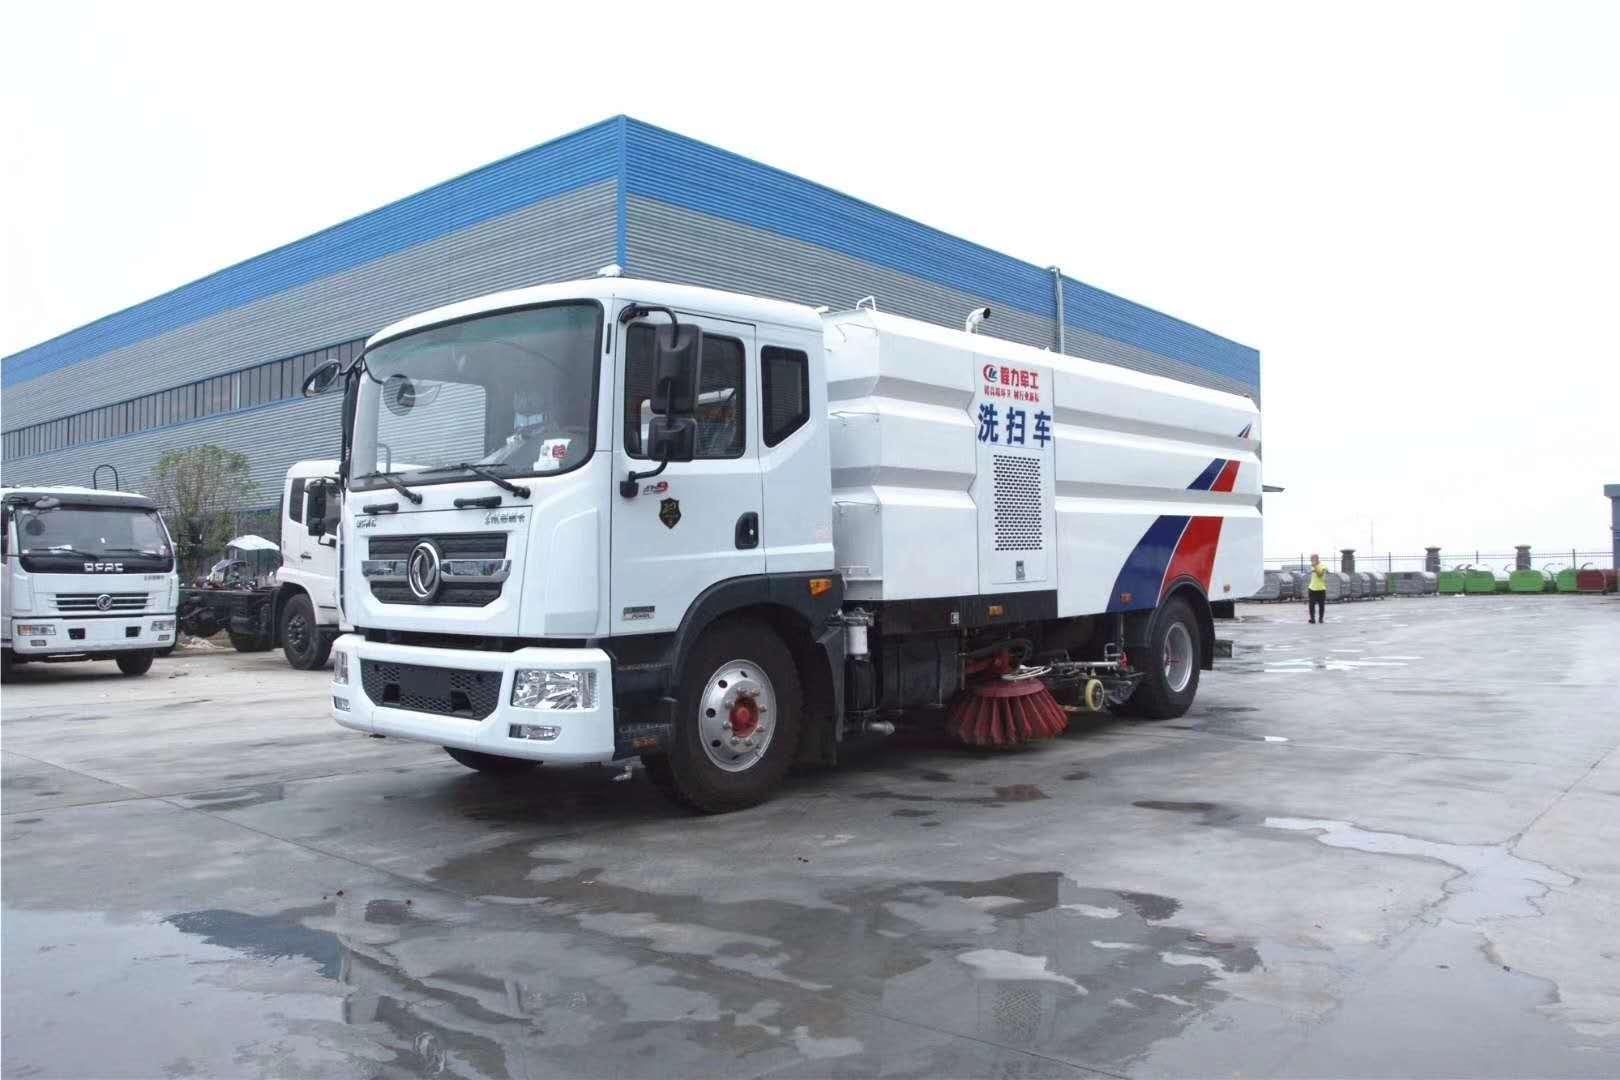 東風D9大型灑水掃路車,馬力大,功能多圖片